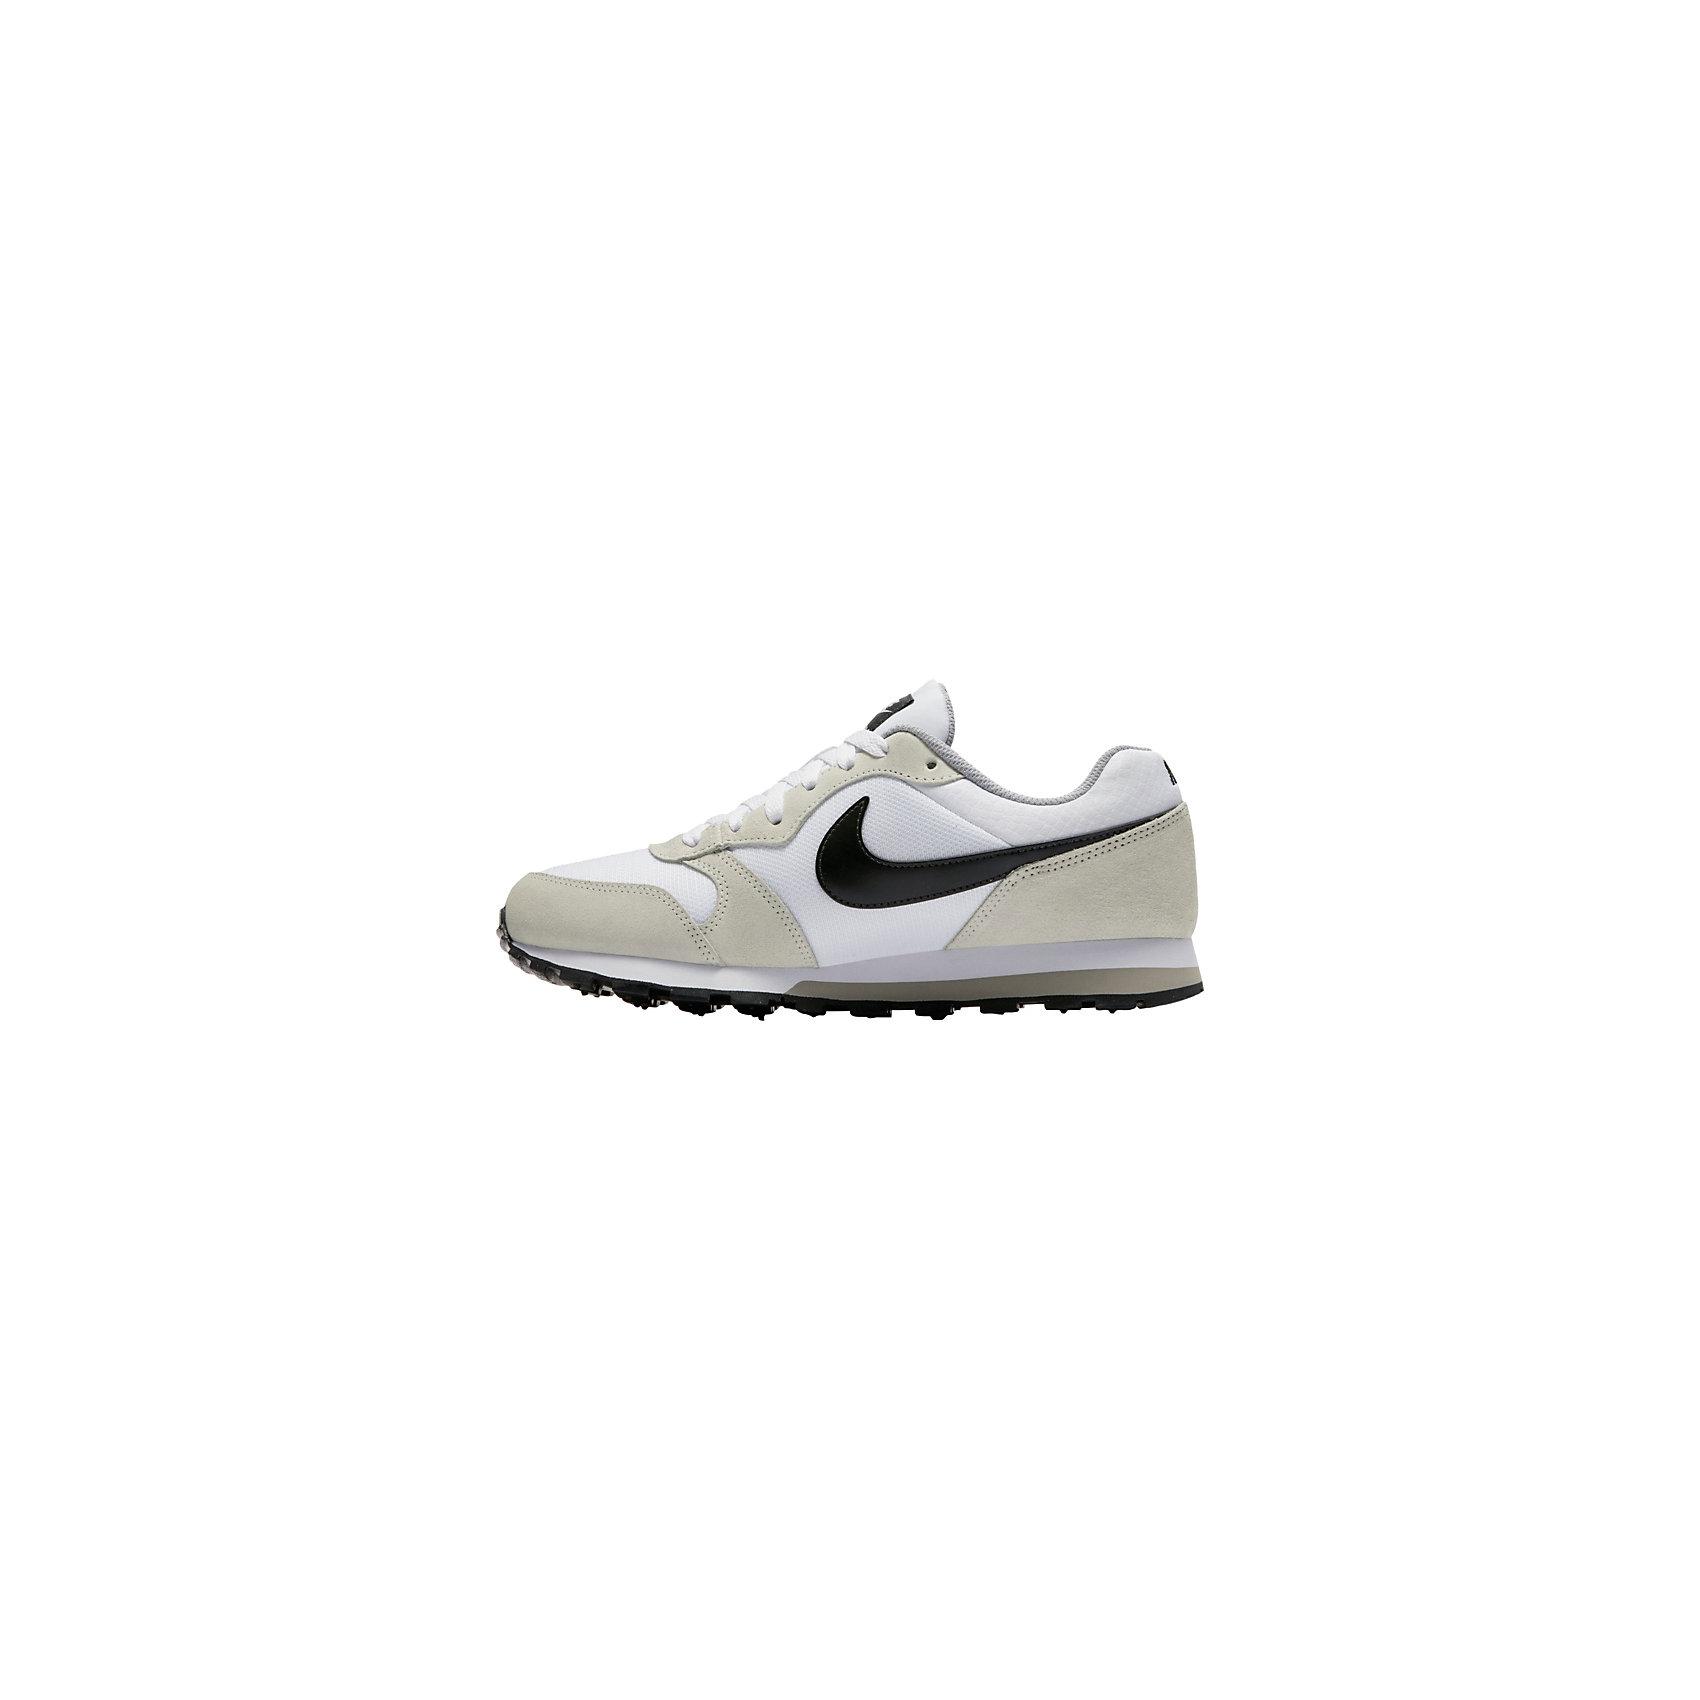 Neu Nike Sportswear MD Runner 2 Sneakers 7631502 für Damen weiß-kombi